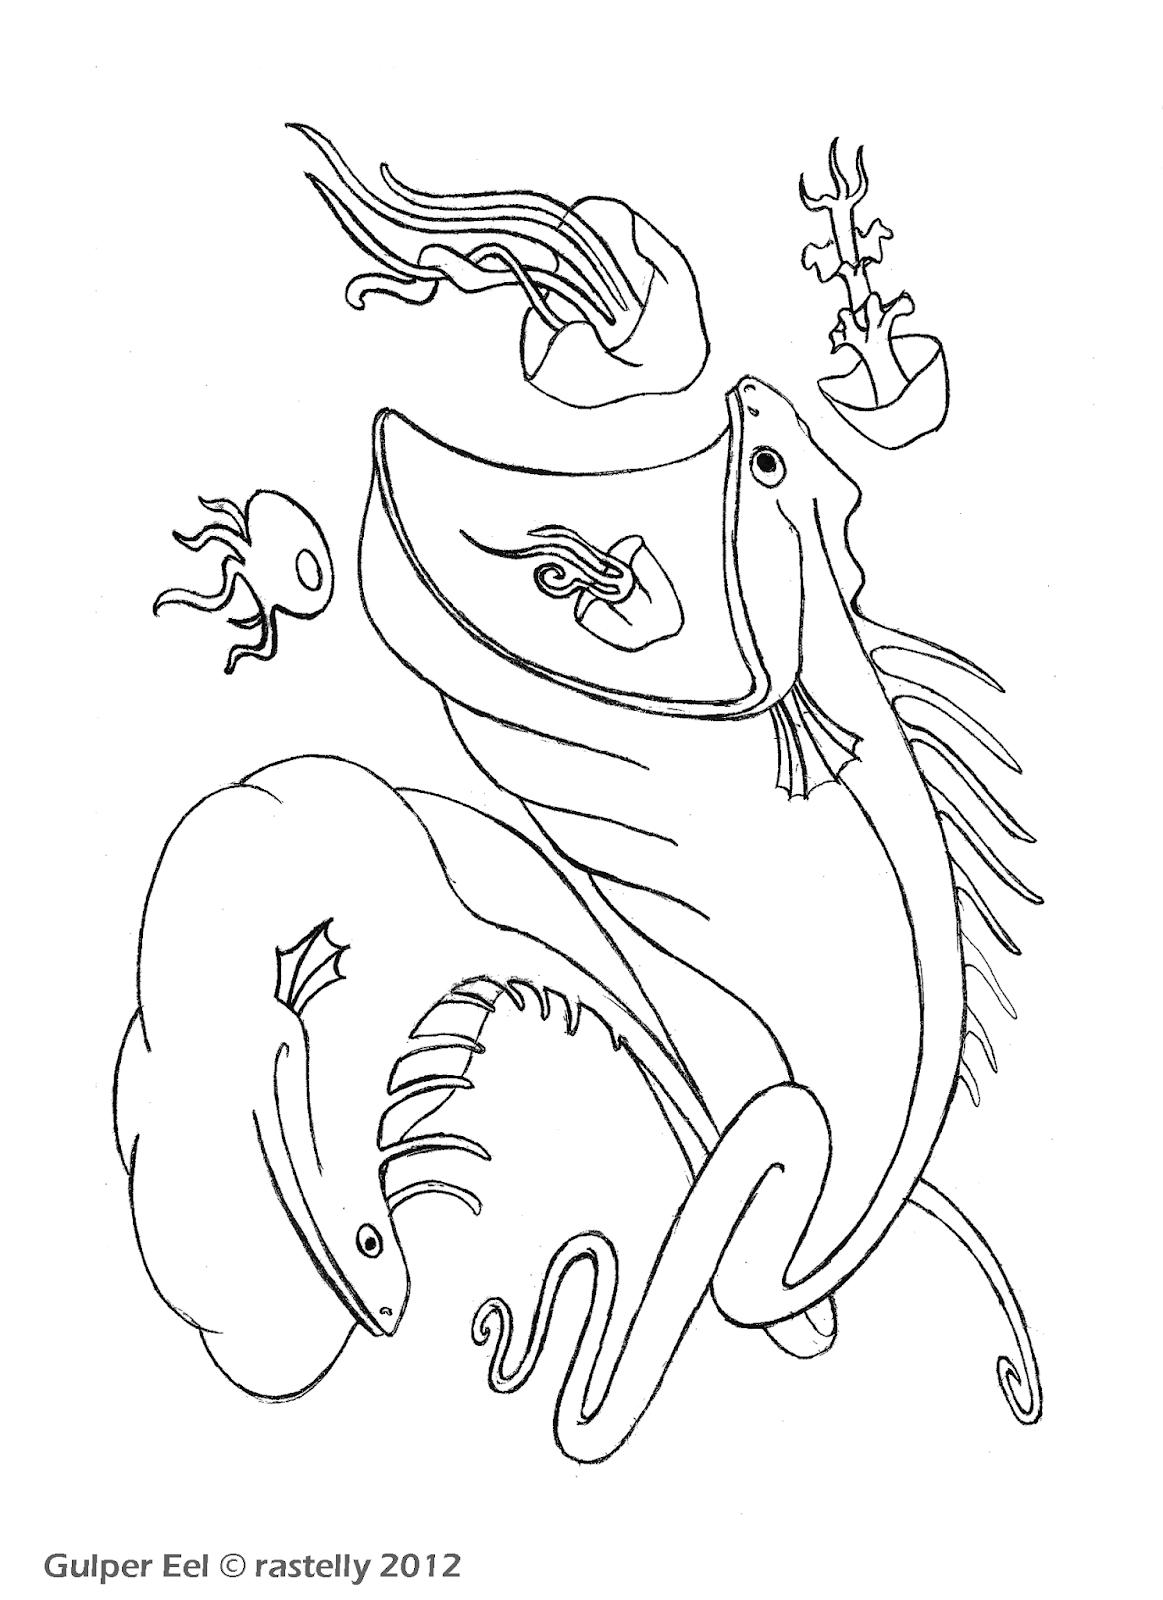 Anglerfisch Malvorlage Anglerfischtätowierung